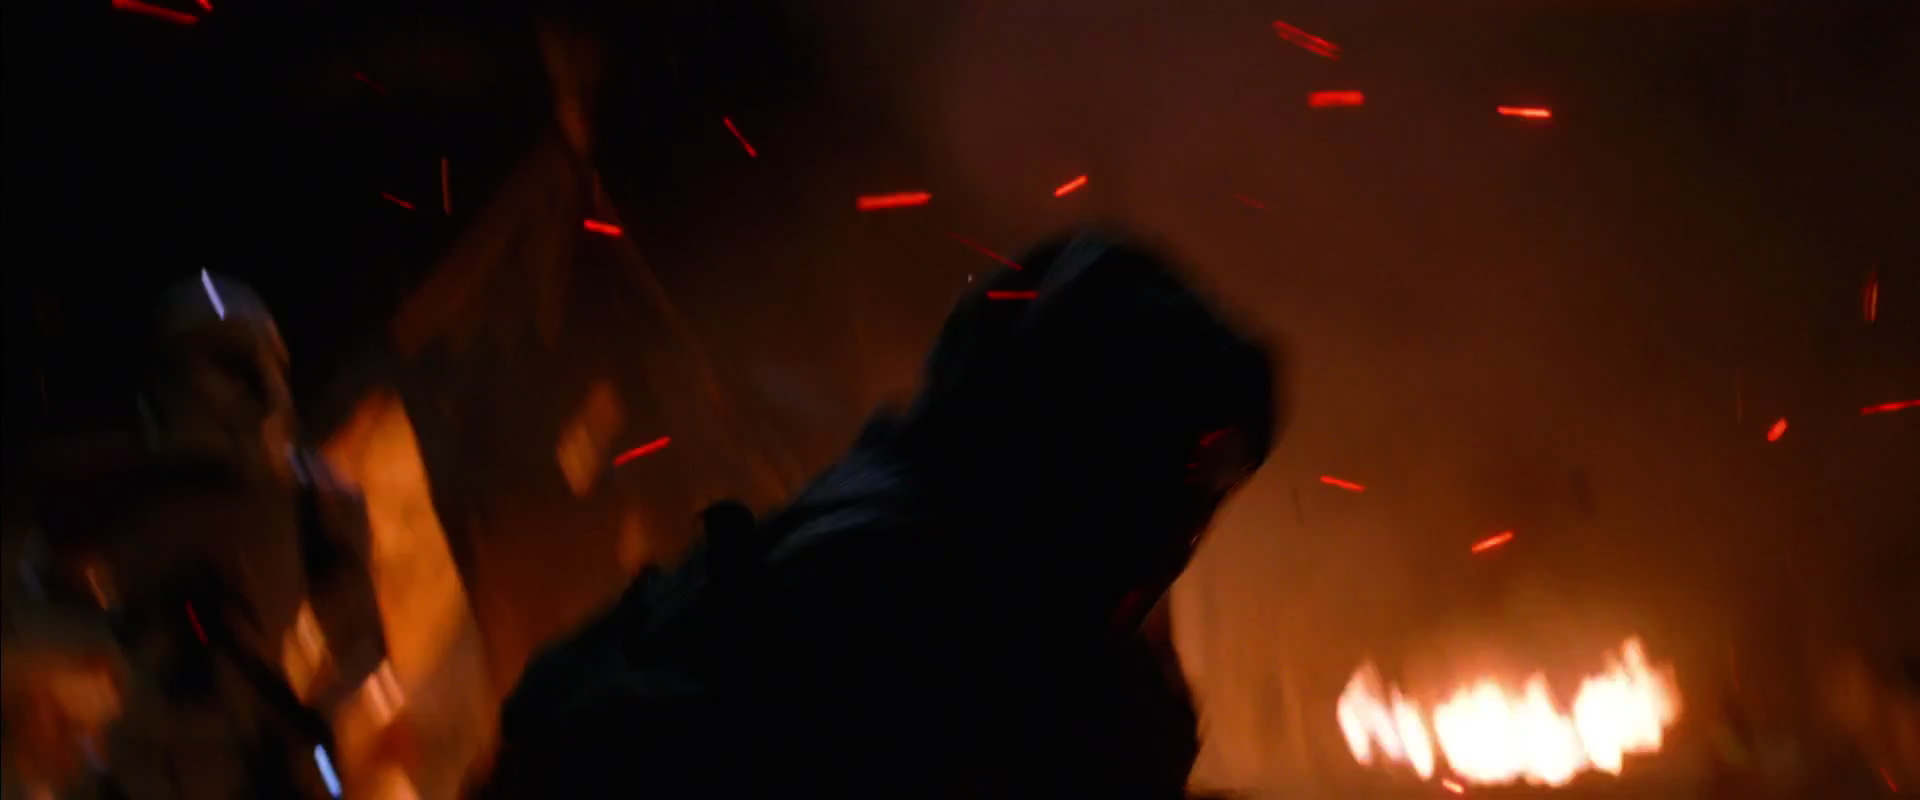 Star Wars  The Force Awakens Official Teaser #2 1663.jpg